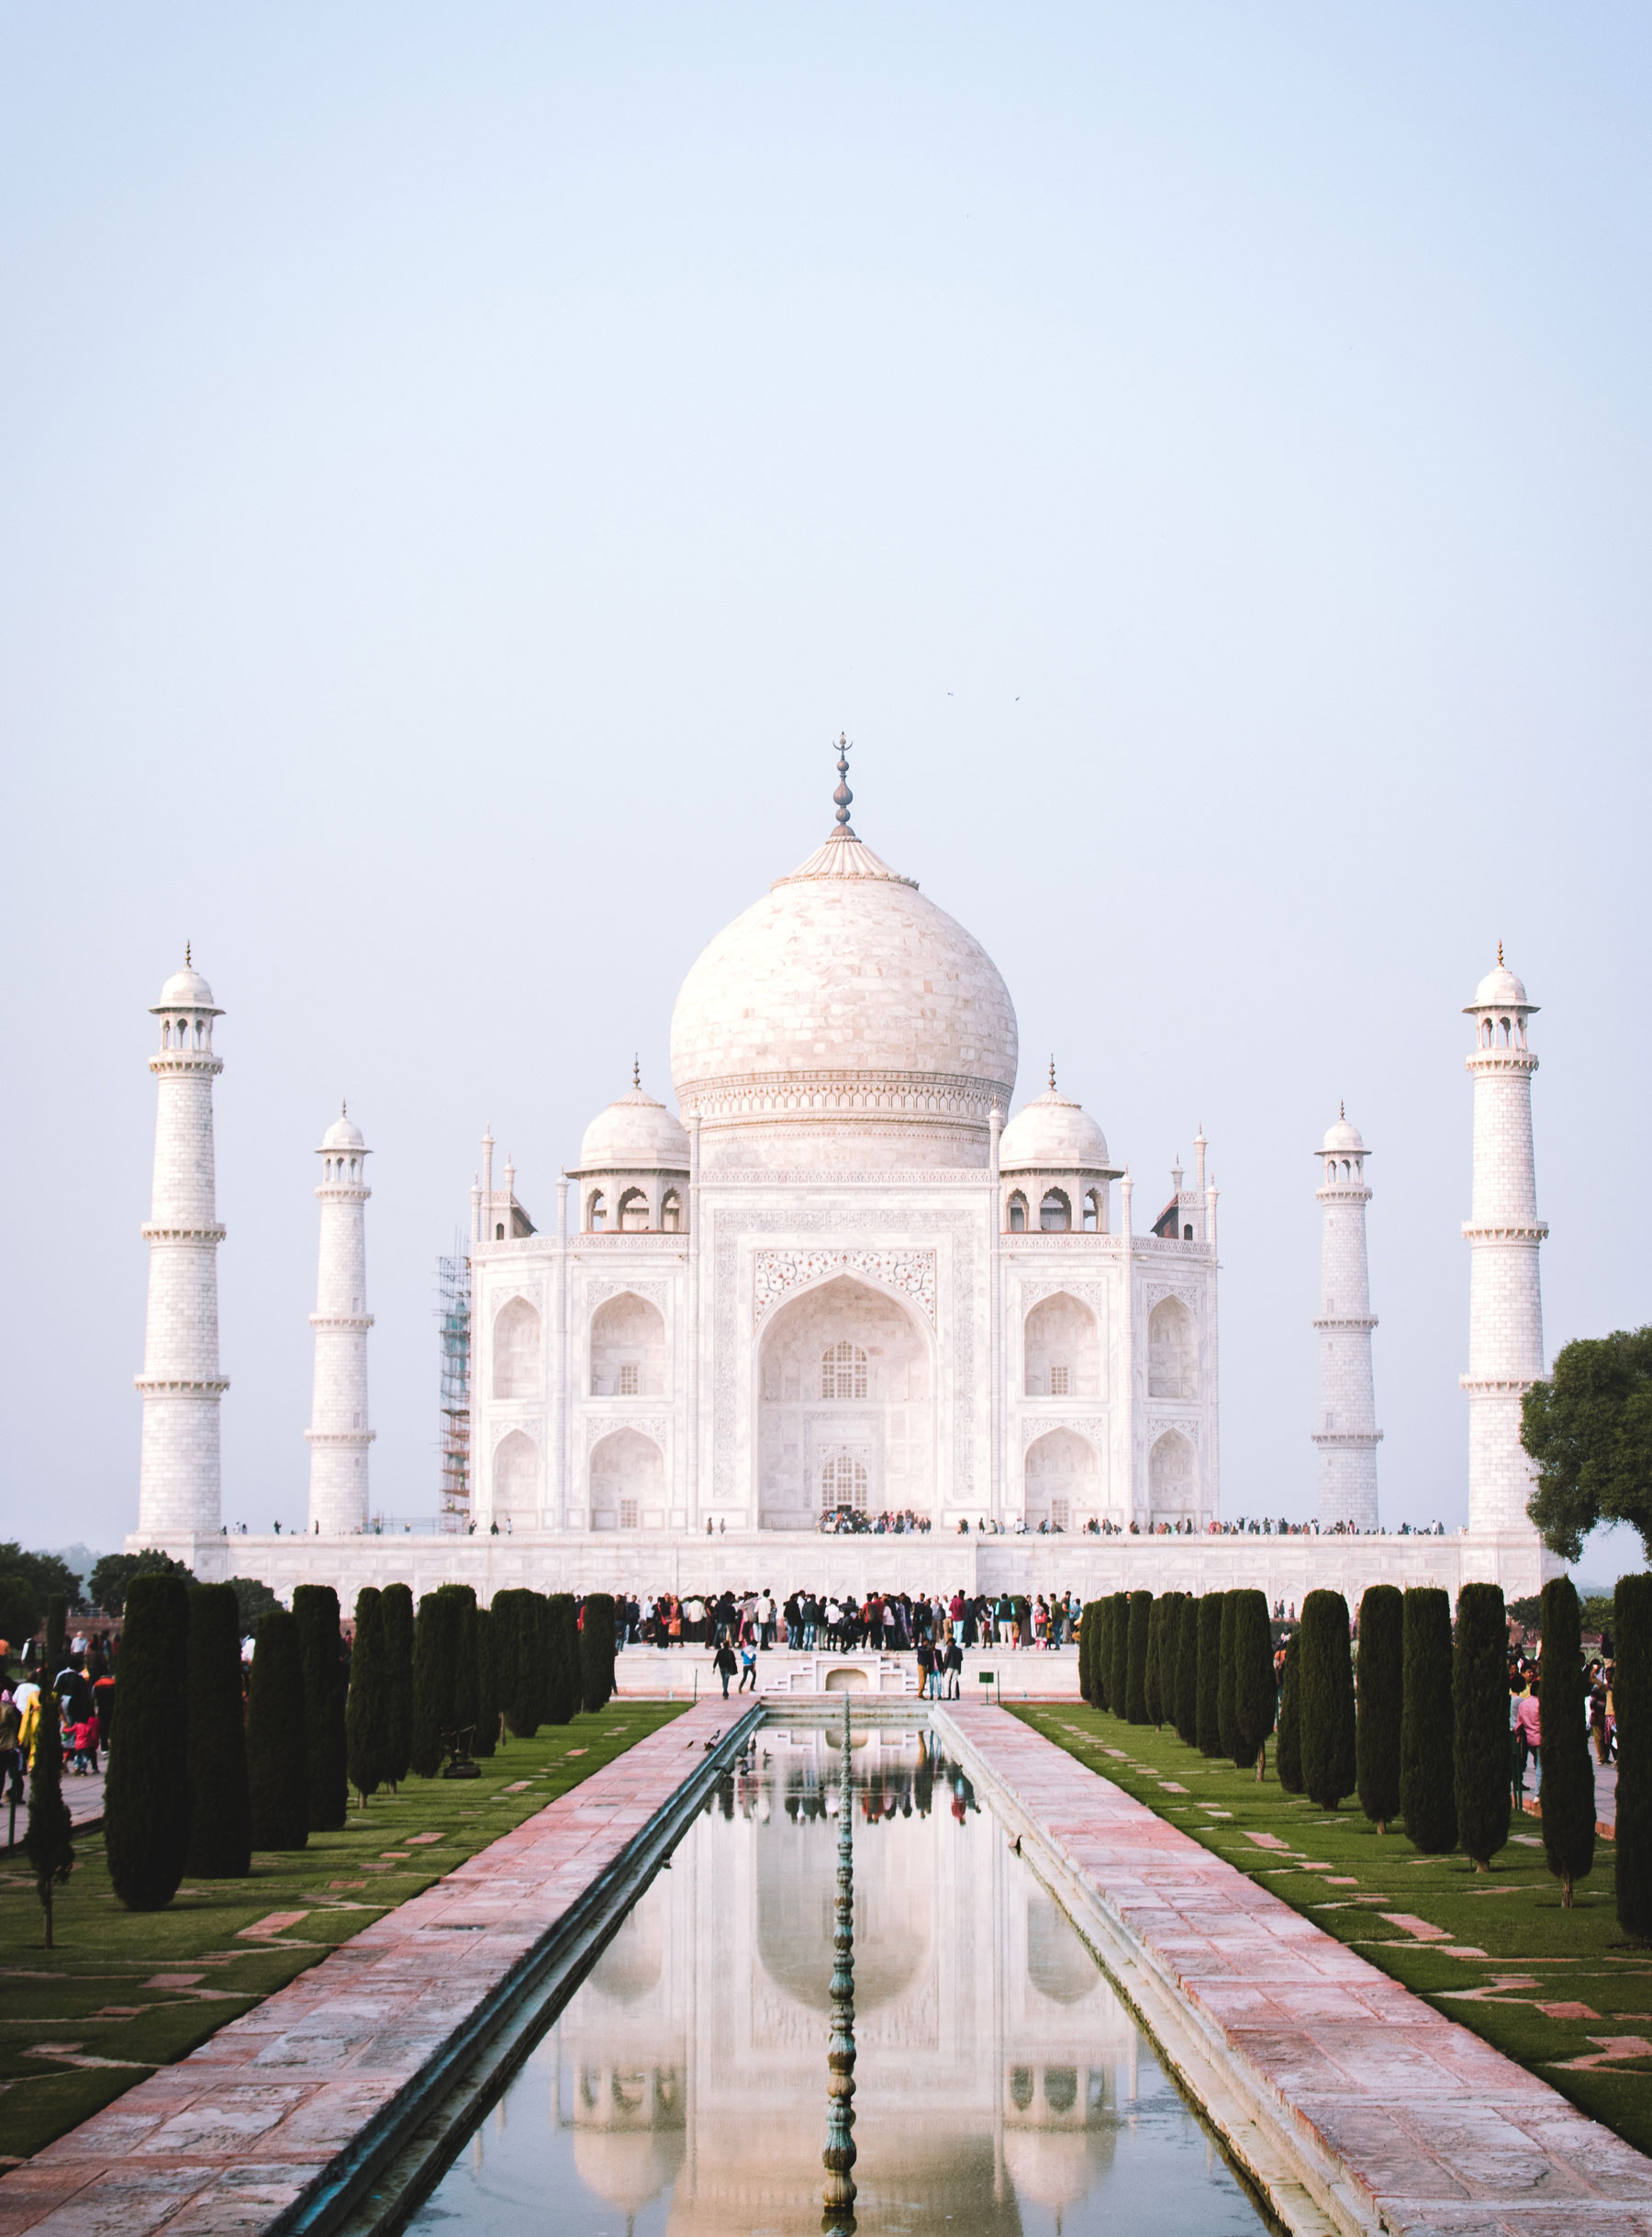 Agra__ - La ciudad donde está situado el Taj Mahal, conocido en la actualidad como el monumento al amor más imponente y hermoso del planeta, el cual combina elementos de la arquitectura islámica, persa, india e incluso turca.Además de visitar el Taj Mahal, conoceremos también el Fuerte de Agra.Más Información: Descargar Catálogo